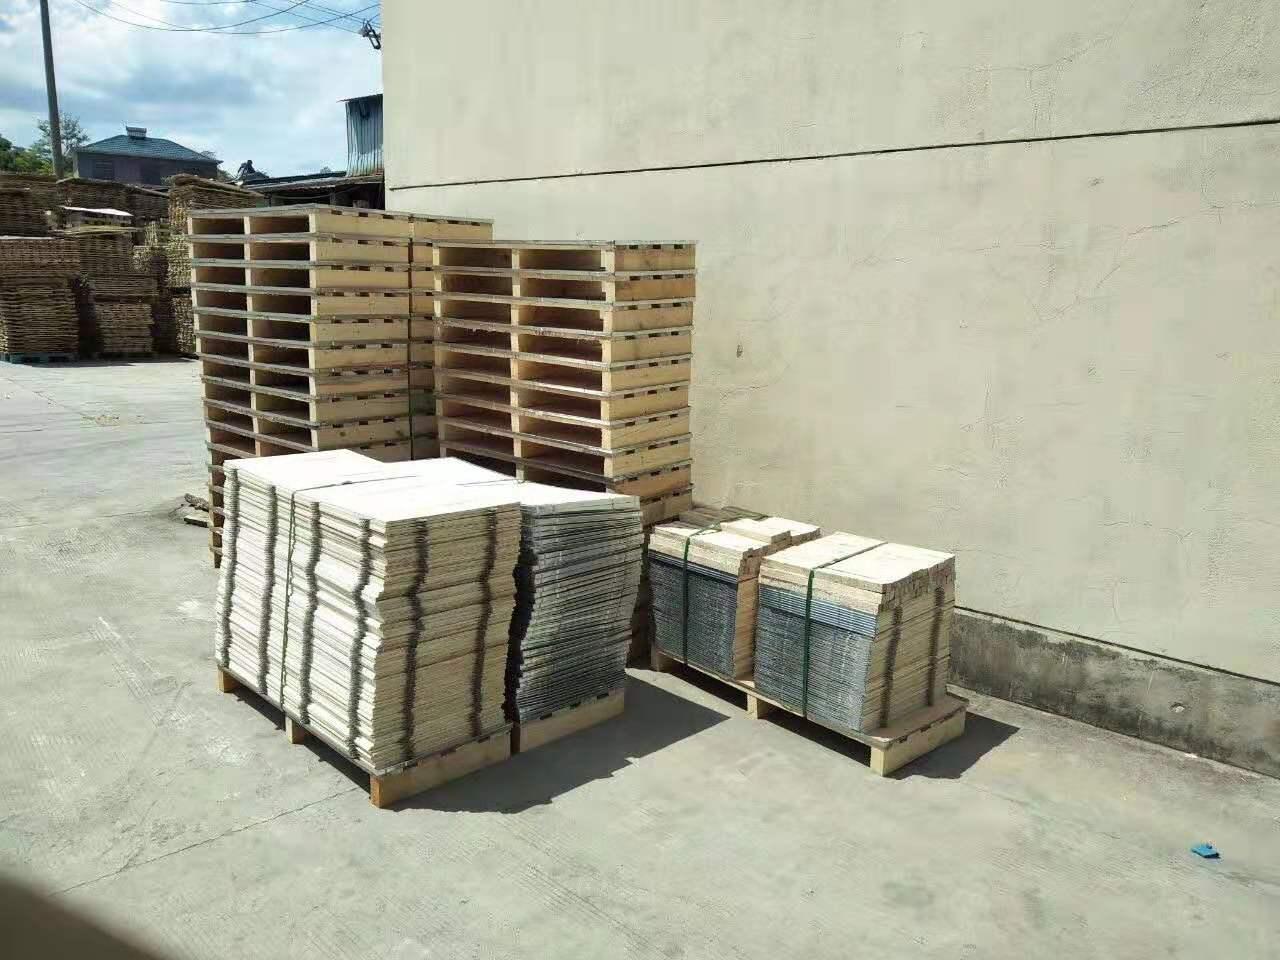 上海钢带箱定制公司 上海嘉岳木制品供应